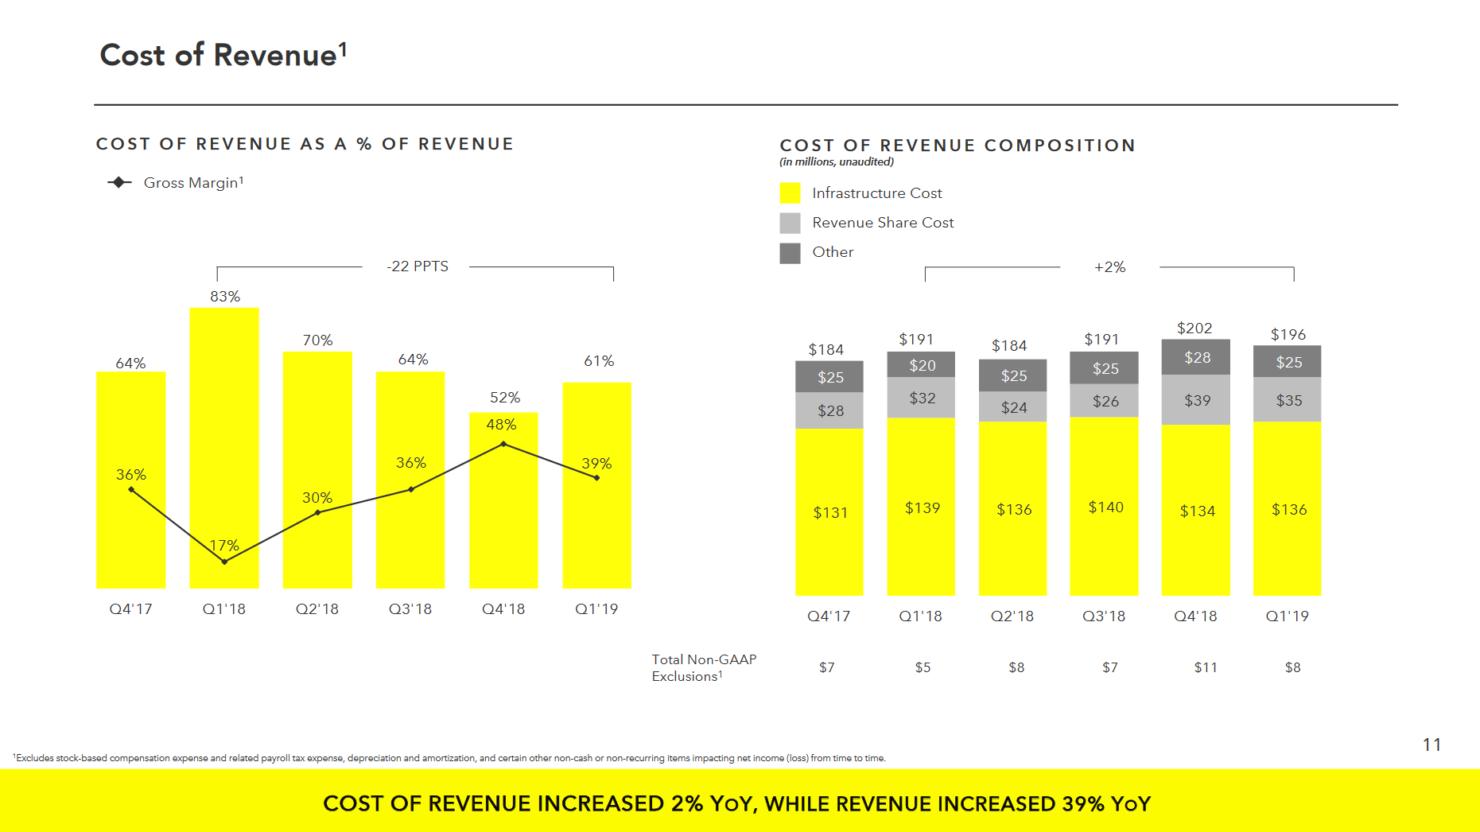 screenshot_2019-04-23-q1-19-earnings-slides-pdf1